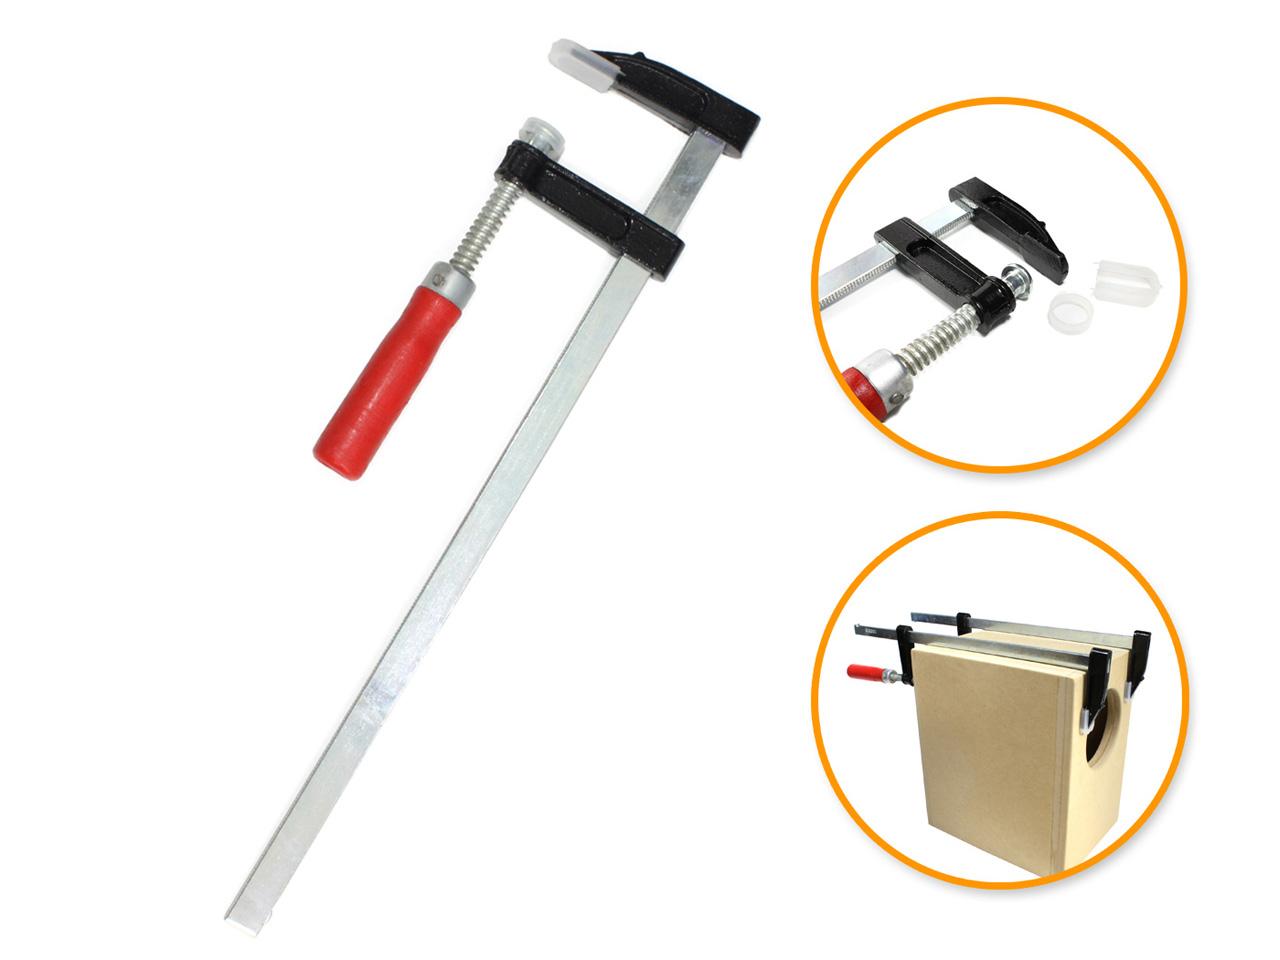 ◆高品質 エンクロージャー製作に絶対いるでしょ F型クランプ 即納最大半額 50mm×300mm シャコ万 木工用 工具 DIY 固定